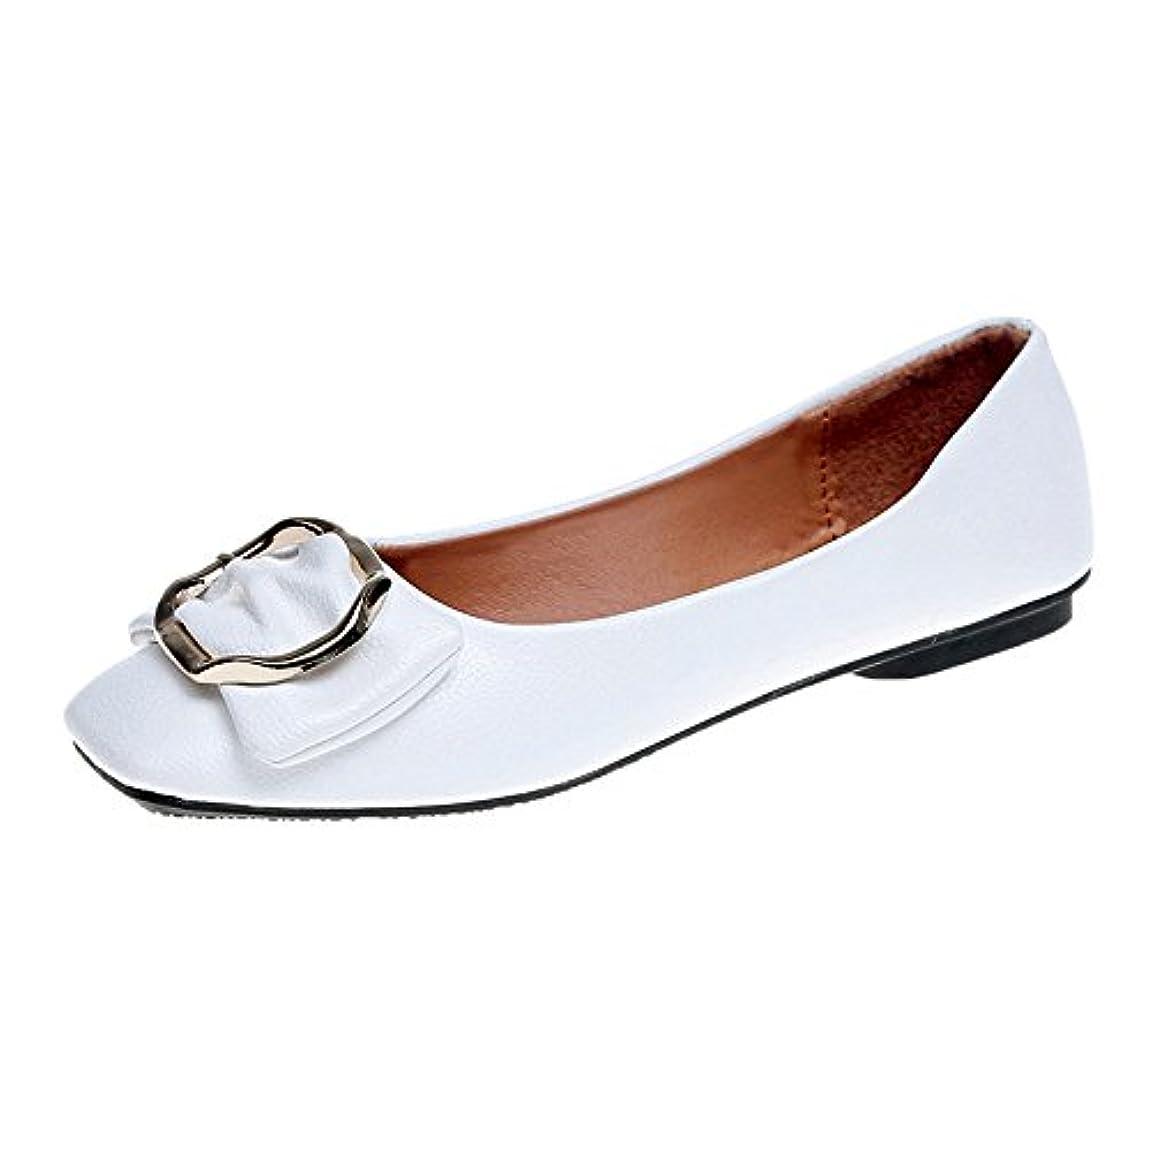 エスカレートハッピー単にレディースフラットシューズHodarey 女性 弓 スクエアヘッド スクエアバックル 浅シングルシューズ 歩きやすい 通気性 おしゃれ プラットシューズ ファッション カジュアル シューズ 女性の靴 アウトドアトシューズ 通勤 通学 普段着